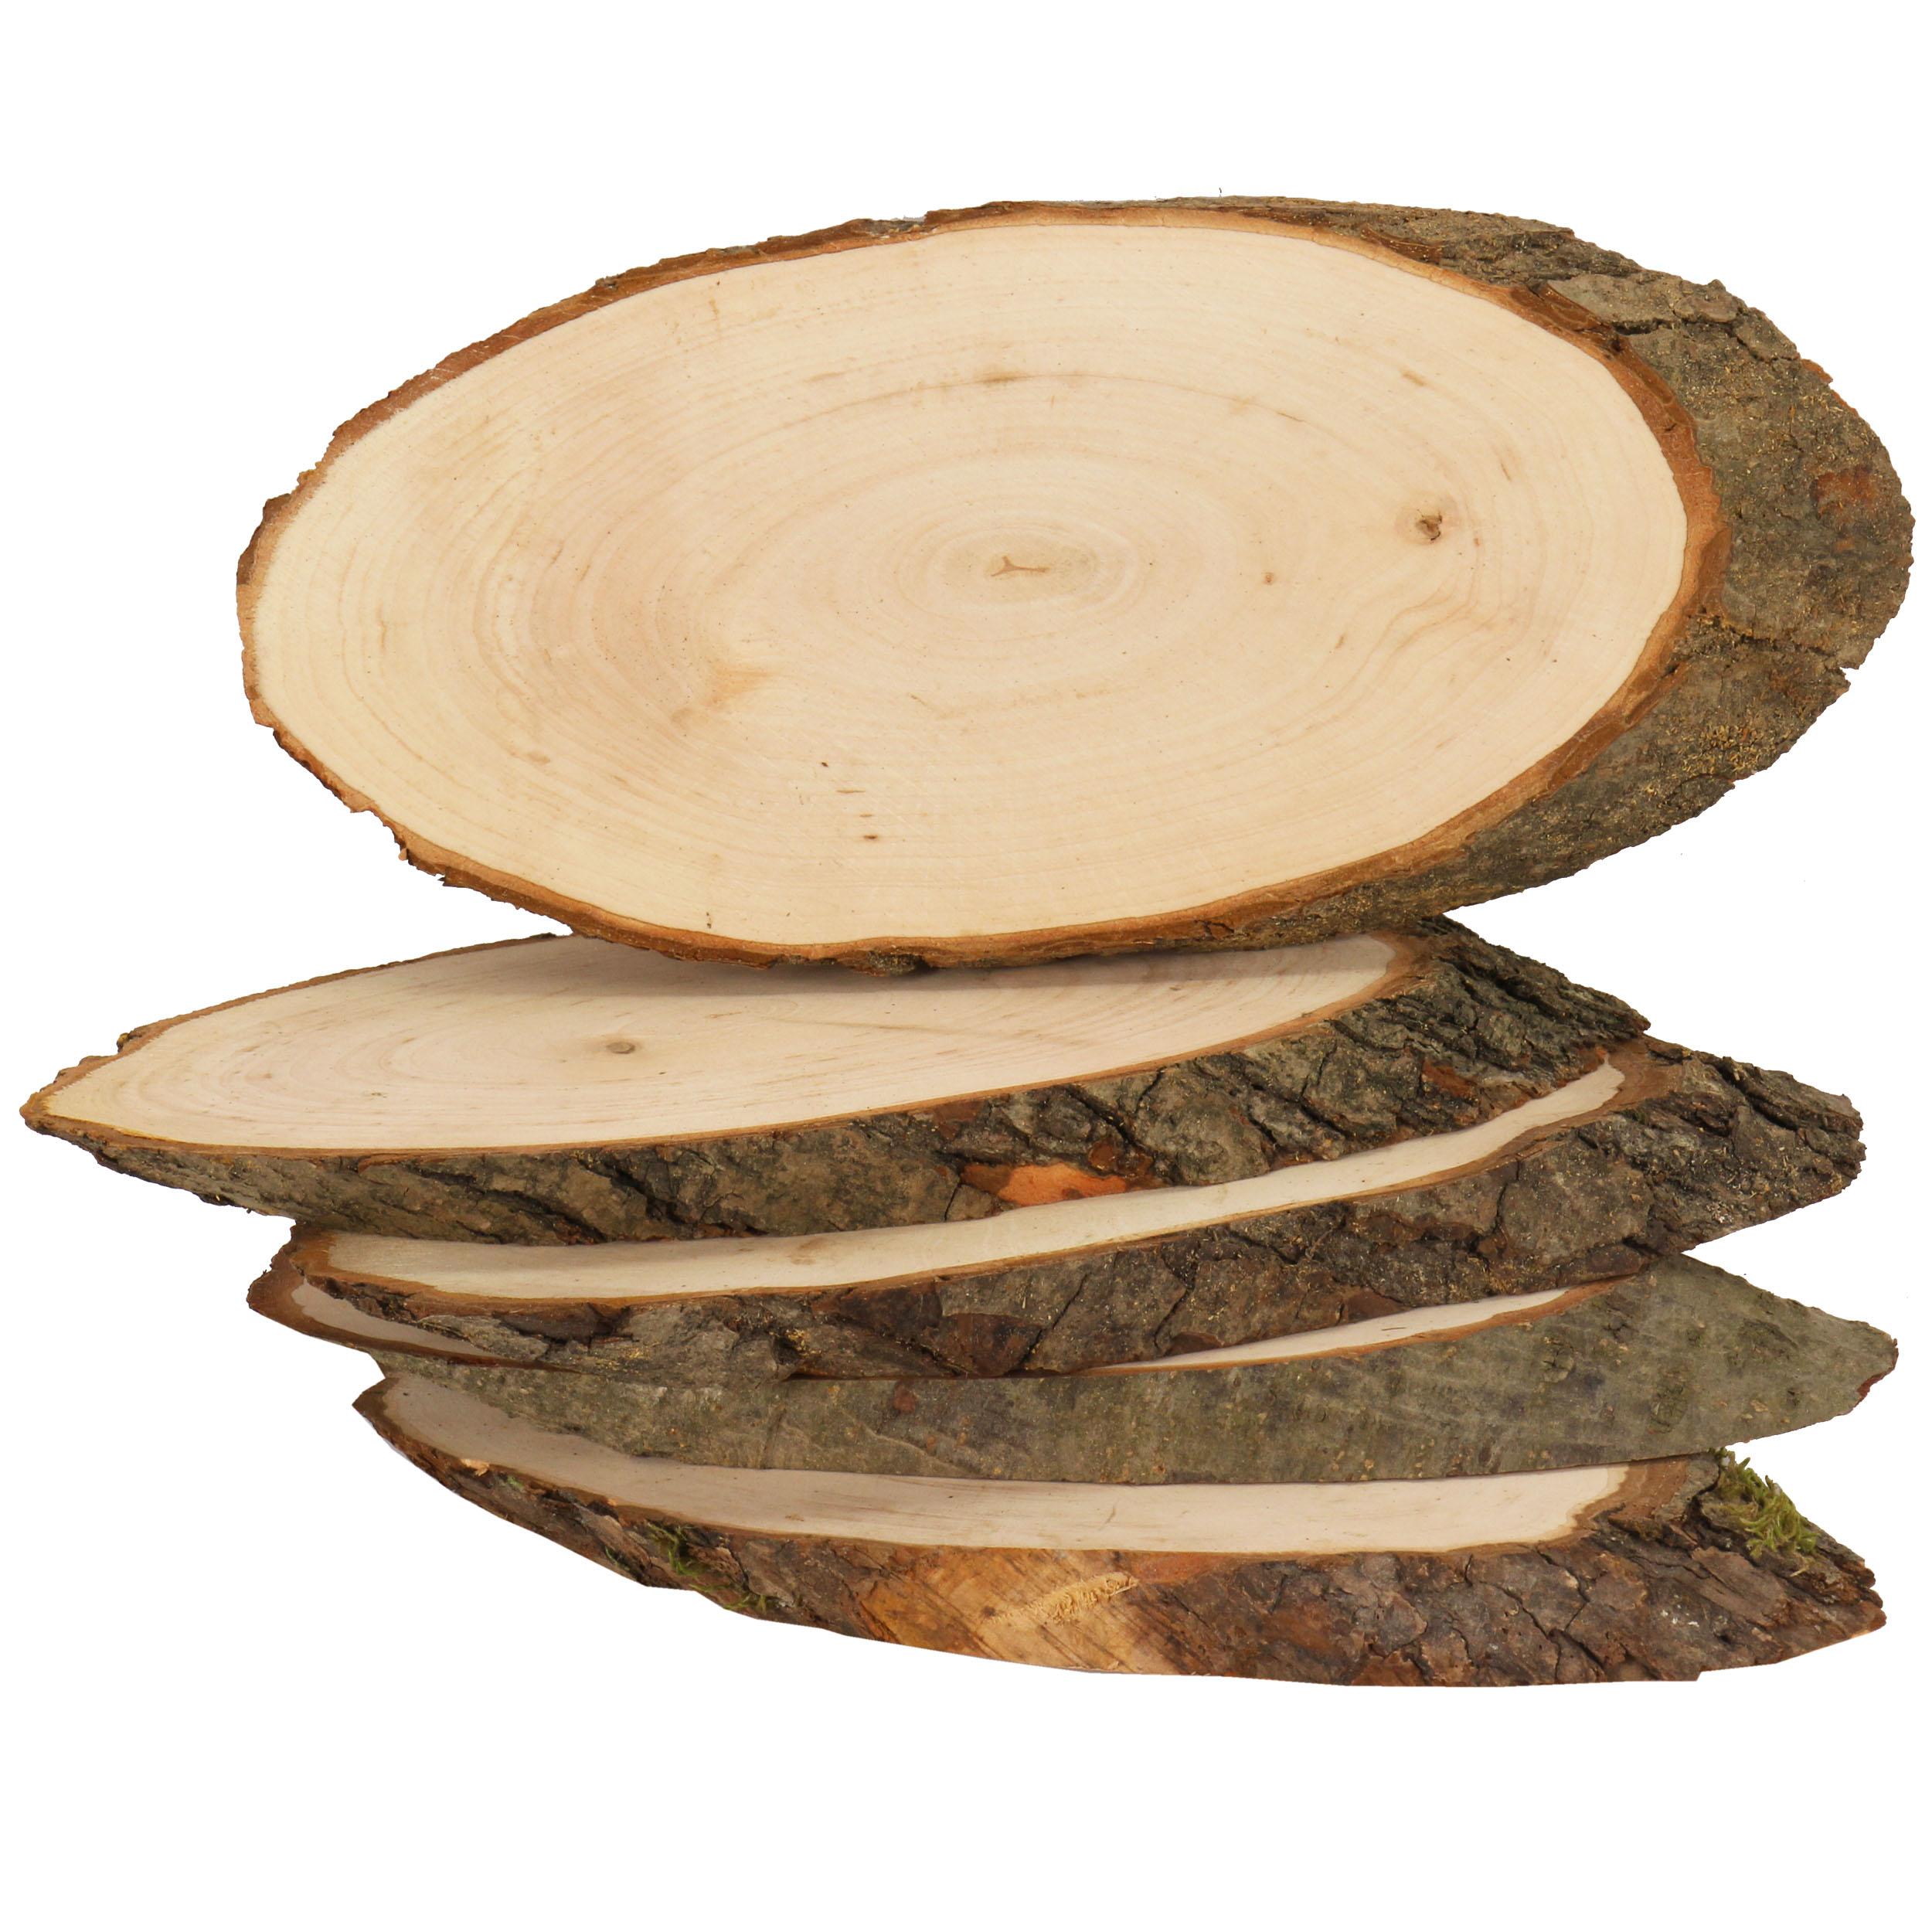 rindenscheibe oval 23 26 cm lang einzeln basteln mit holz macht spa. Black Bedroom Furniture Sets. Home Design Ideas